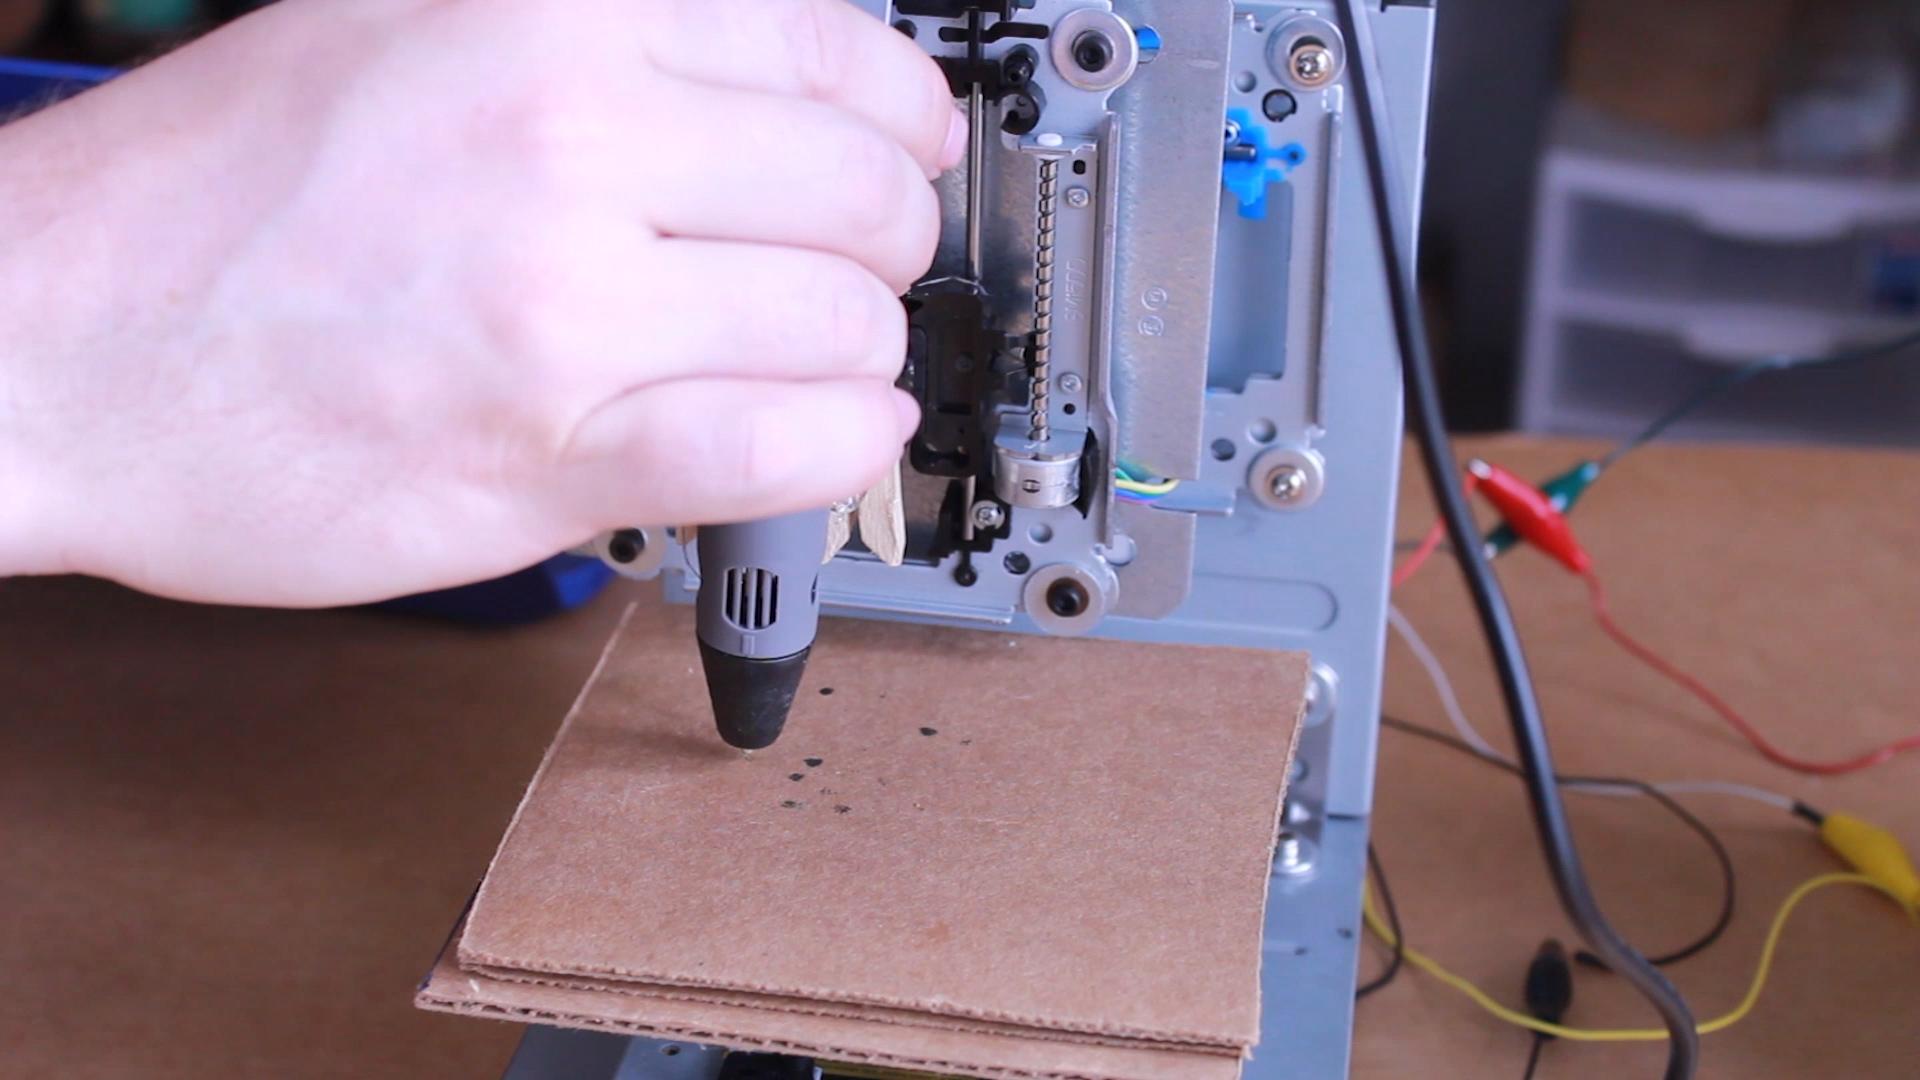 construire une imprimante 3d pour moins de 100 euroballes c 39 est possible tech numerama. Black Bedroom Furniture Sets. Home Design Ideas